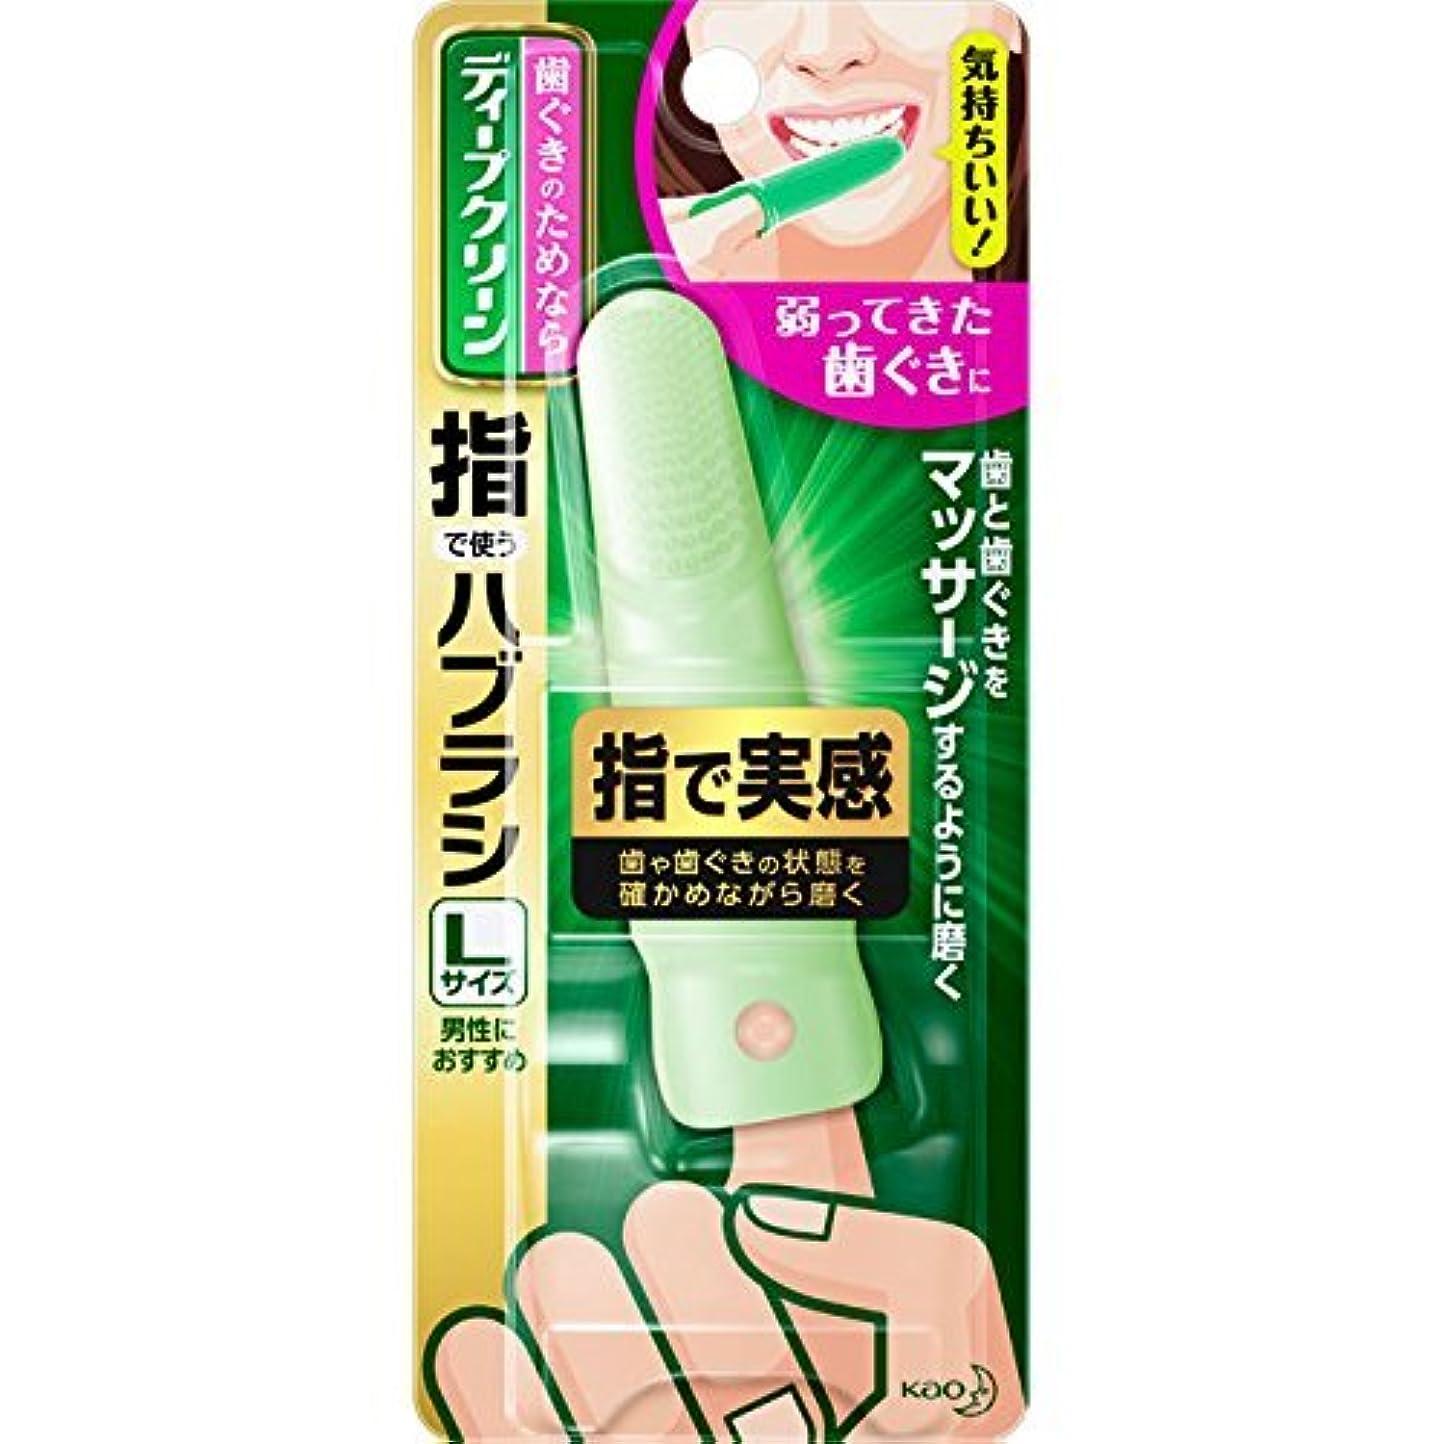 雪多年生効能ディープクリーン 指で使うハブラシ Lサイズ (男性におすすめサイズ)